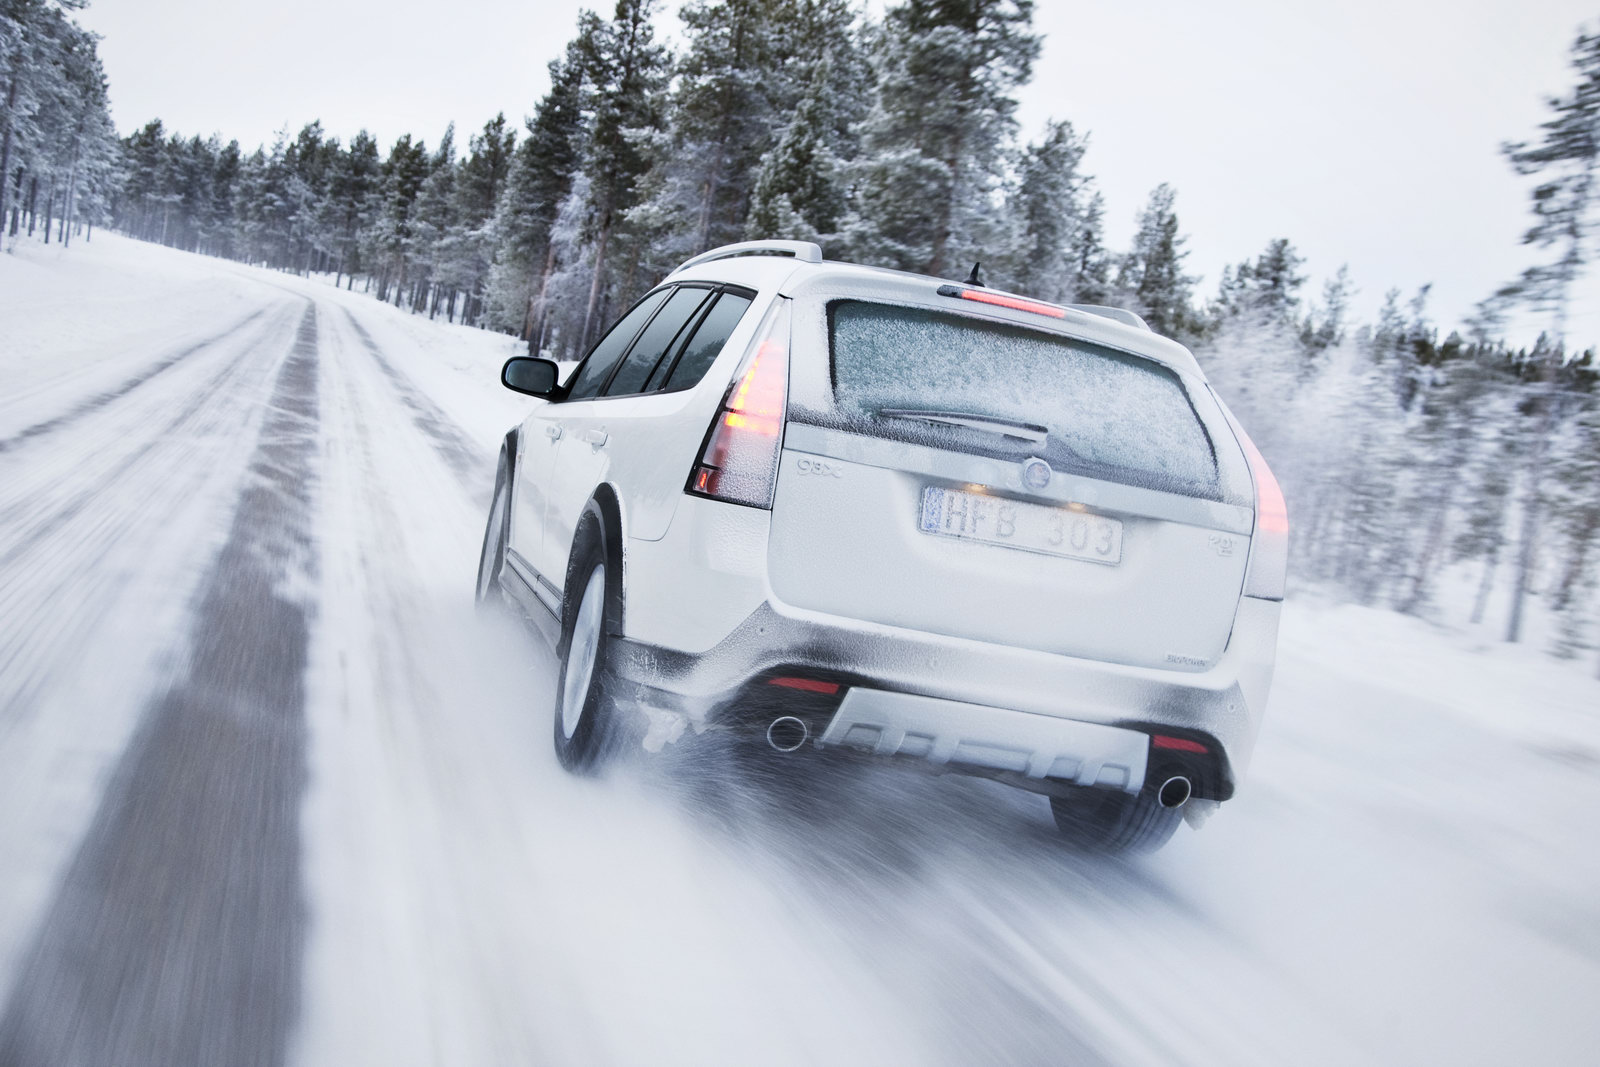 http://4.bp.blogspot.com/-Quj-_1bbgX4/TuibOmUpQNI/AAAAAAAAANc/TI8FYZrhSvE/s1600/winter+driving.jpg